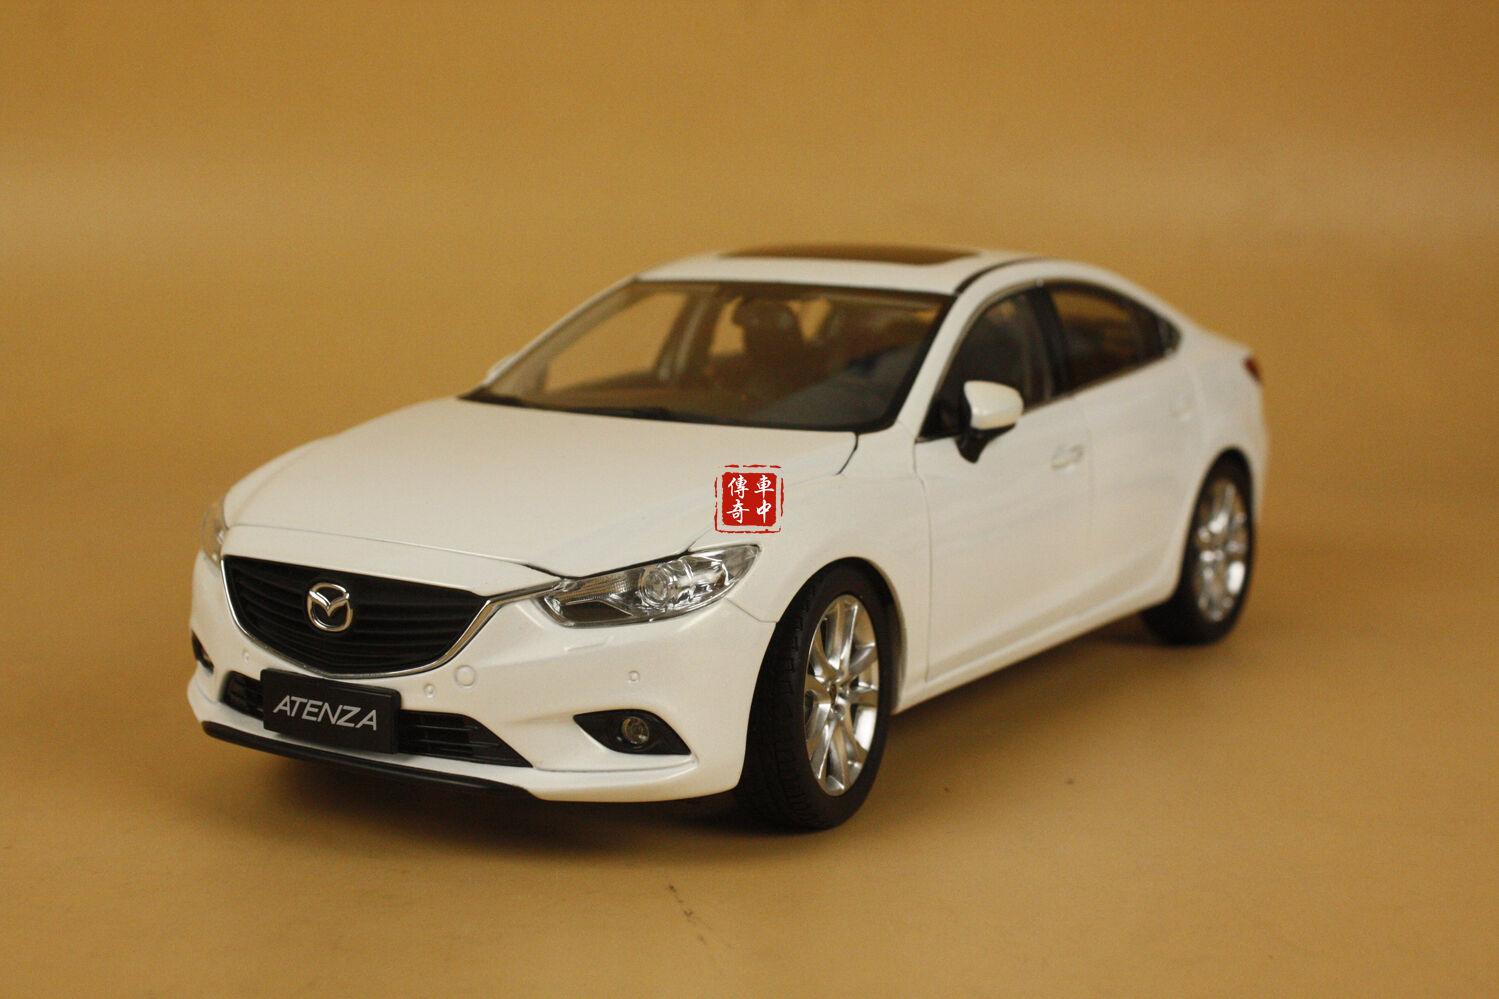 1 18 2014 Nuevo Mazda 6 Atenza Modelo Color blancoo + Regalo